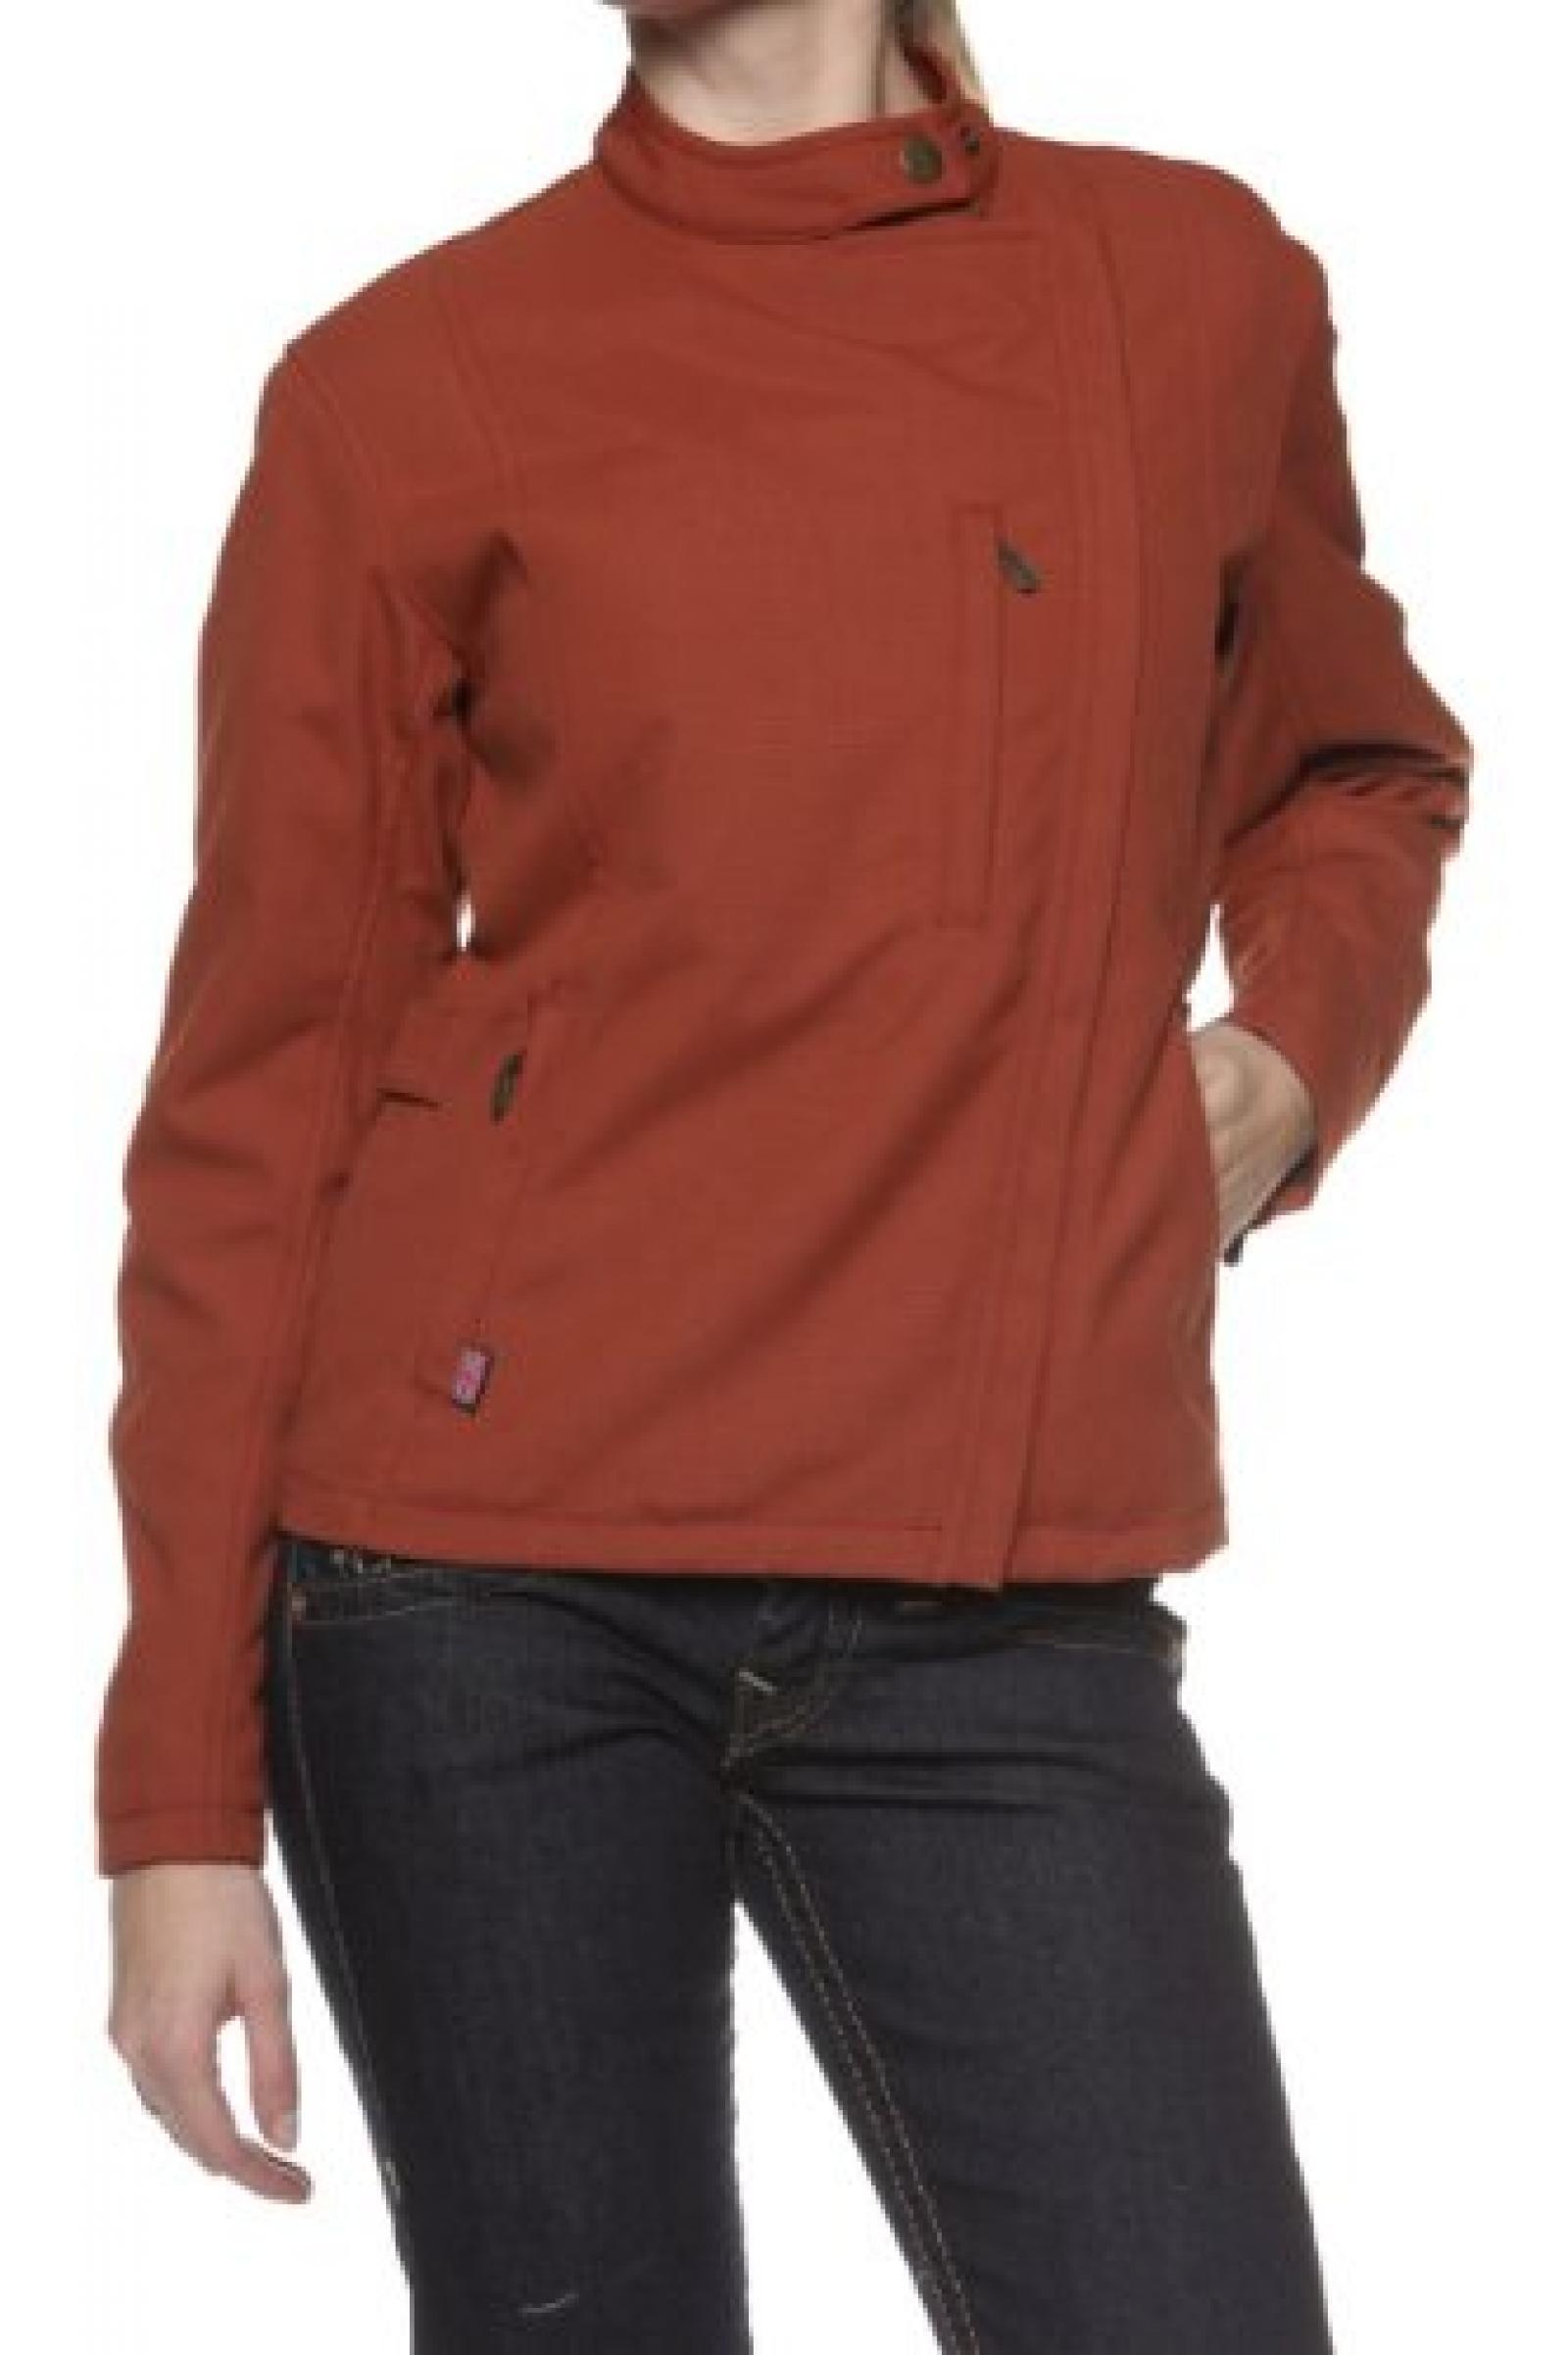 Belstaff Damen Jacke Blouson-Jacke LADY 240, Farbe: Dunkelorange